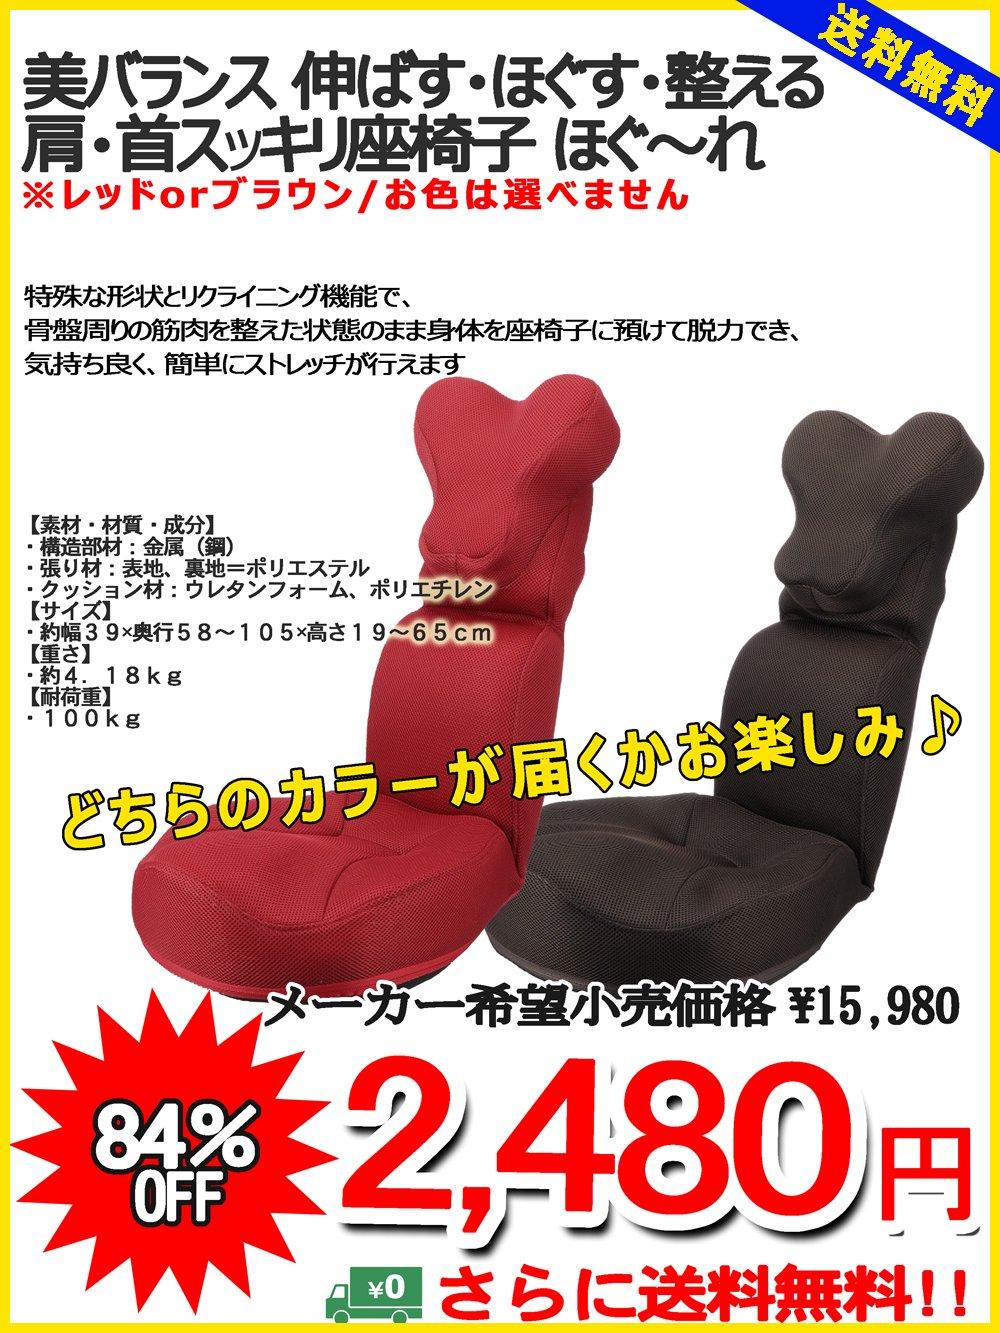 【送料無料】84%OFF!!@2480円■美バランス 座椅子 ほぐ〜れ